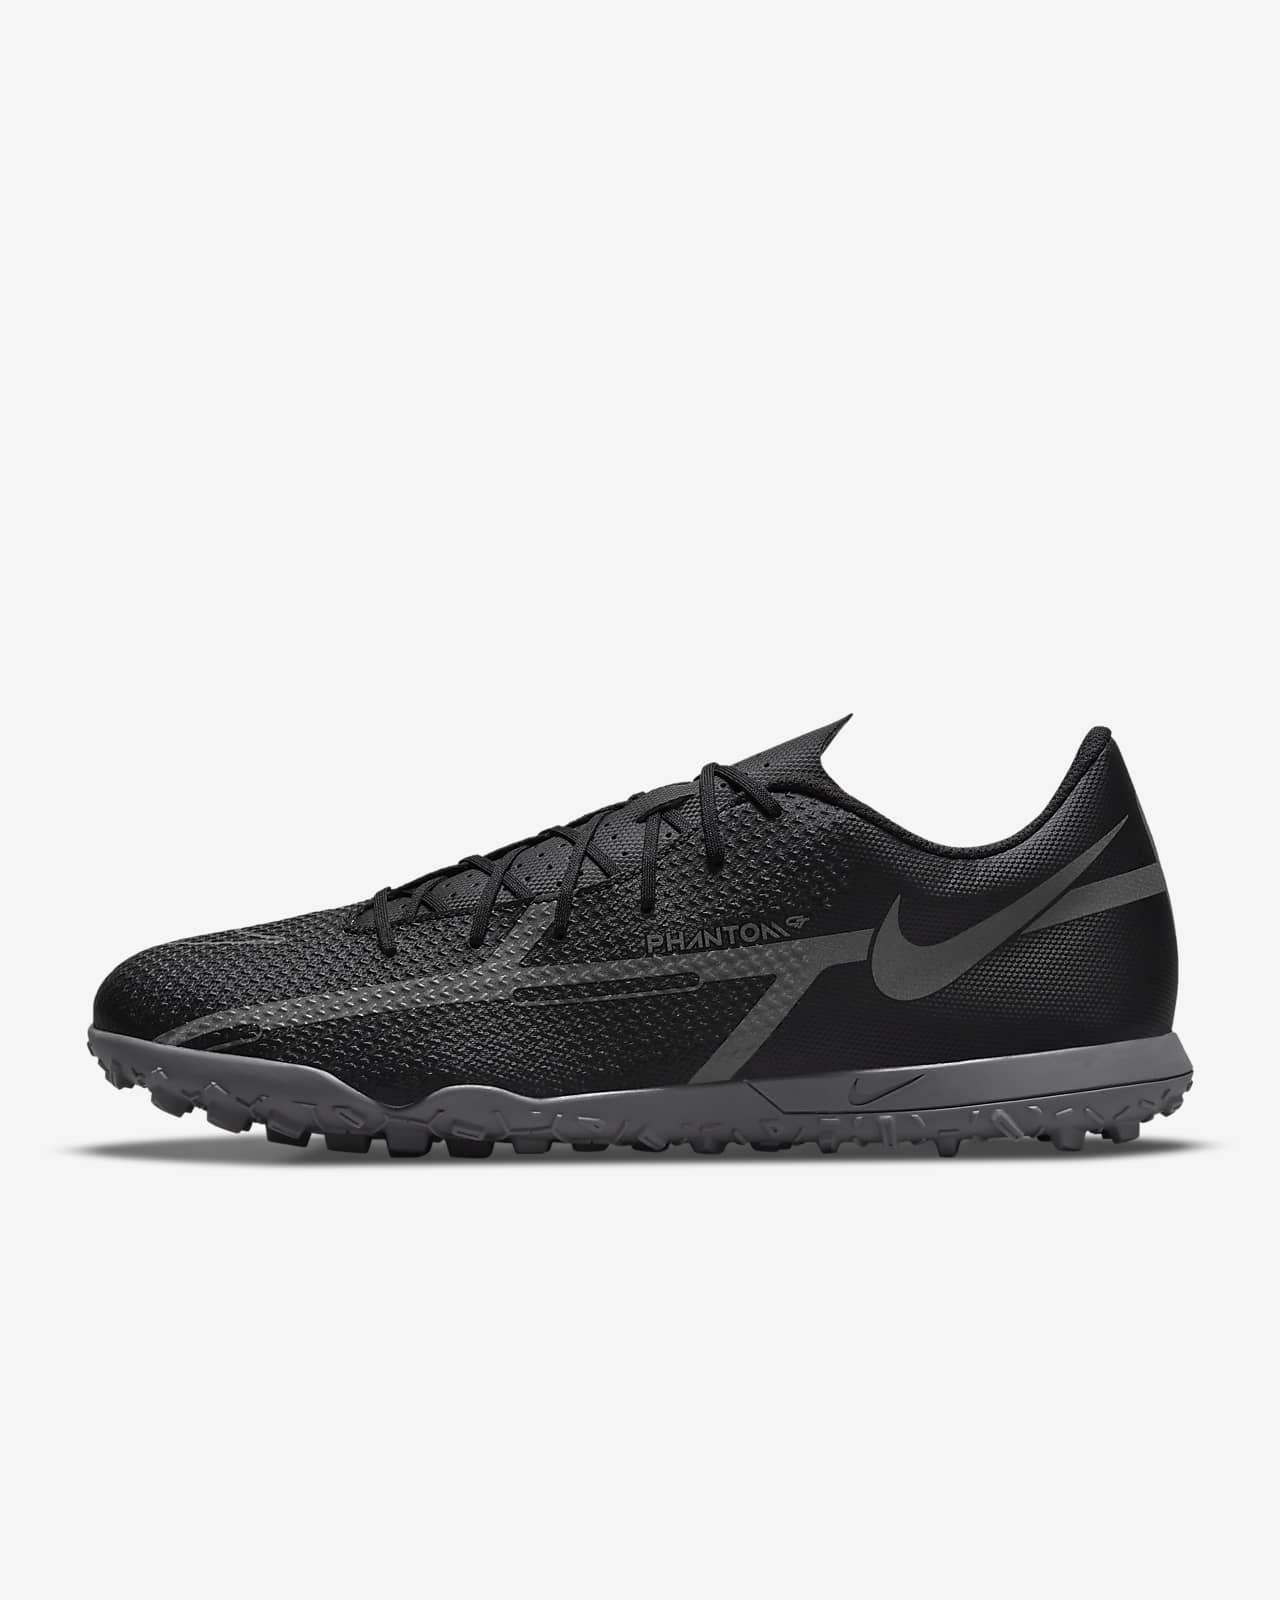 Nike Phantom GT2 Club TF Turf Football Shoe